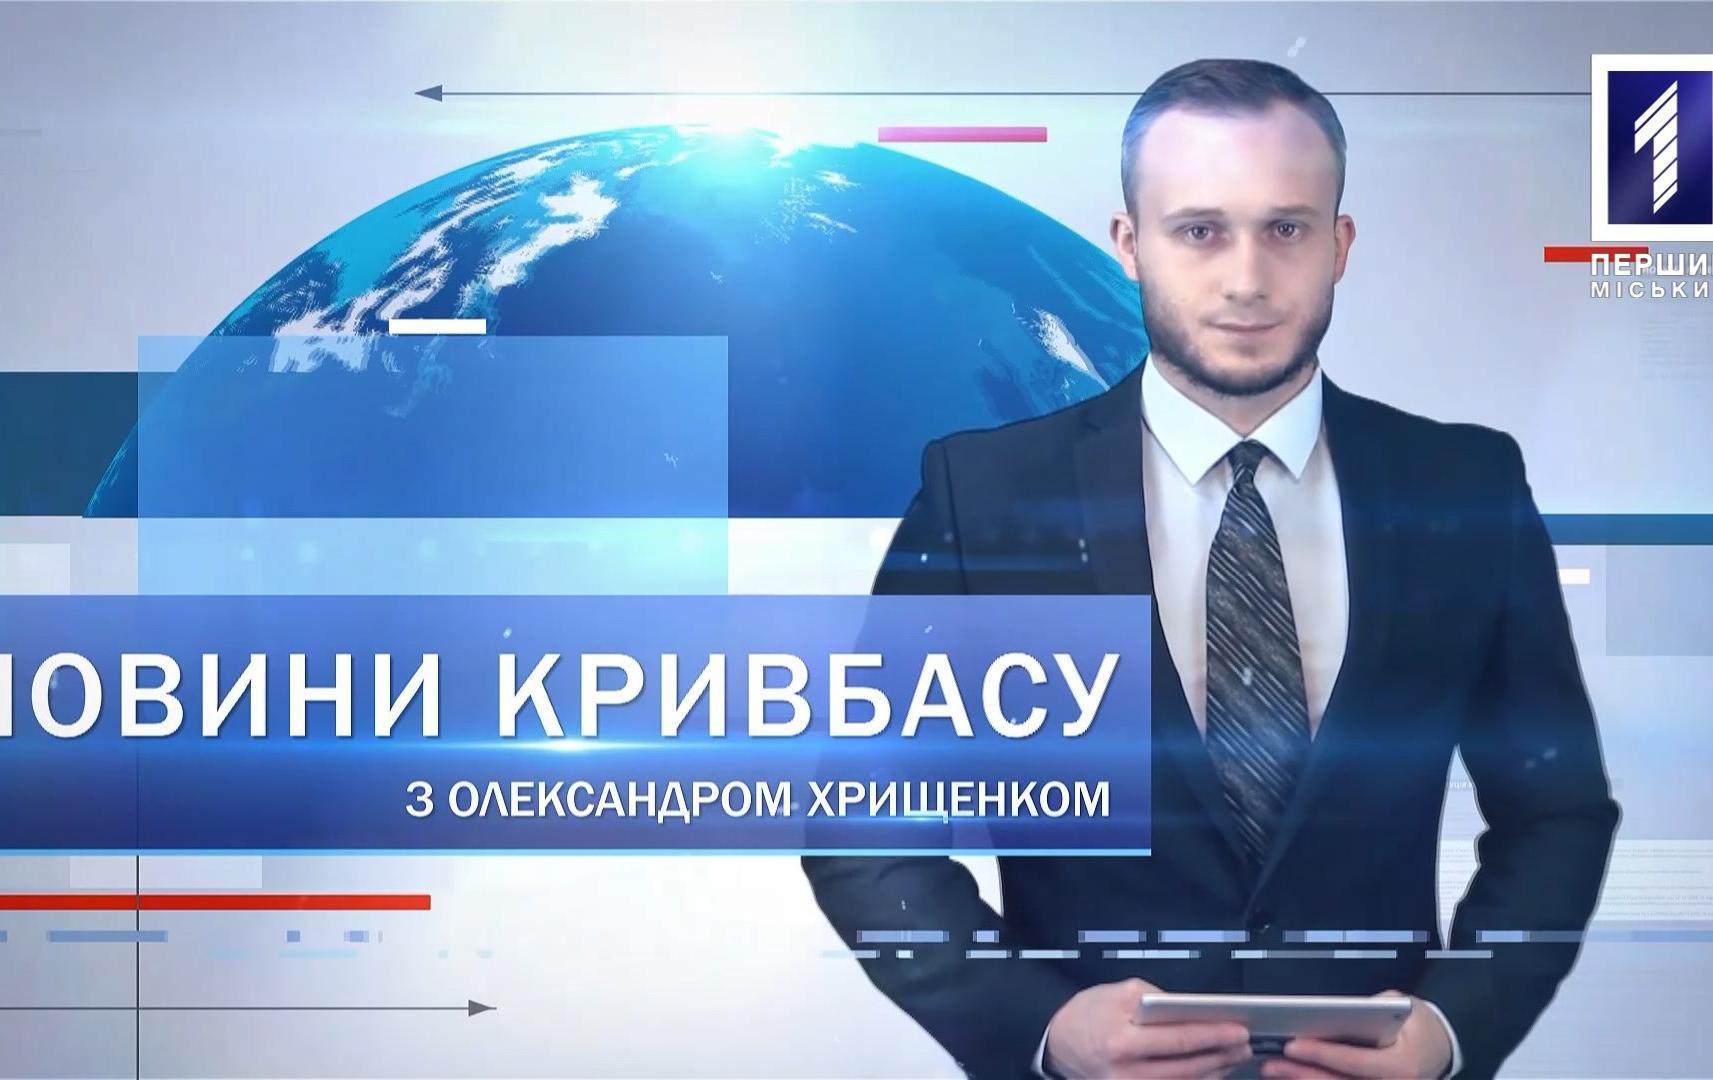 Новини Кривбасу 4 серпня: потопельник, наркоферма з «товаром» на 130 млн грн, тест на ВІЛ